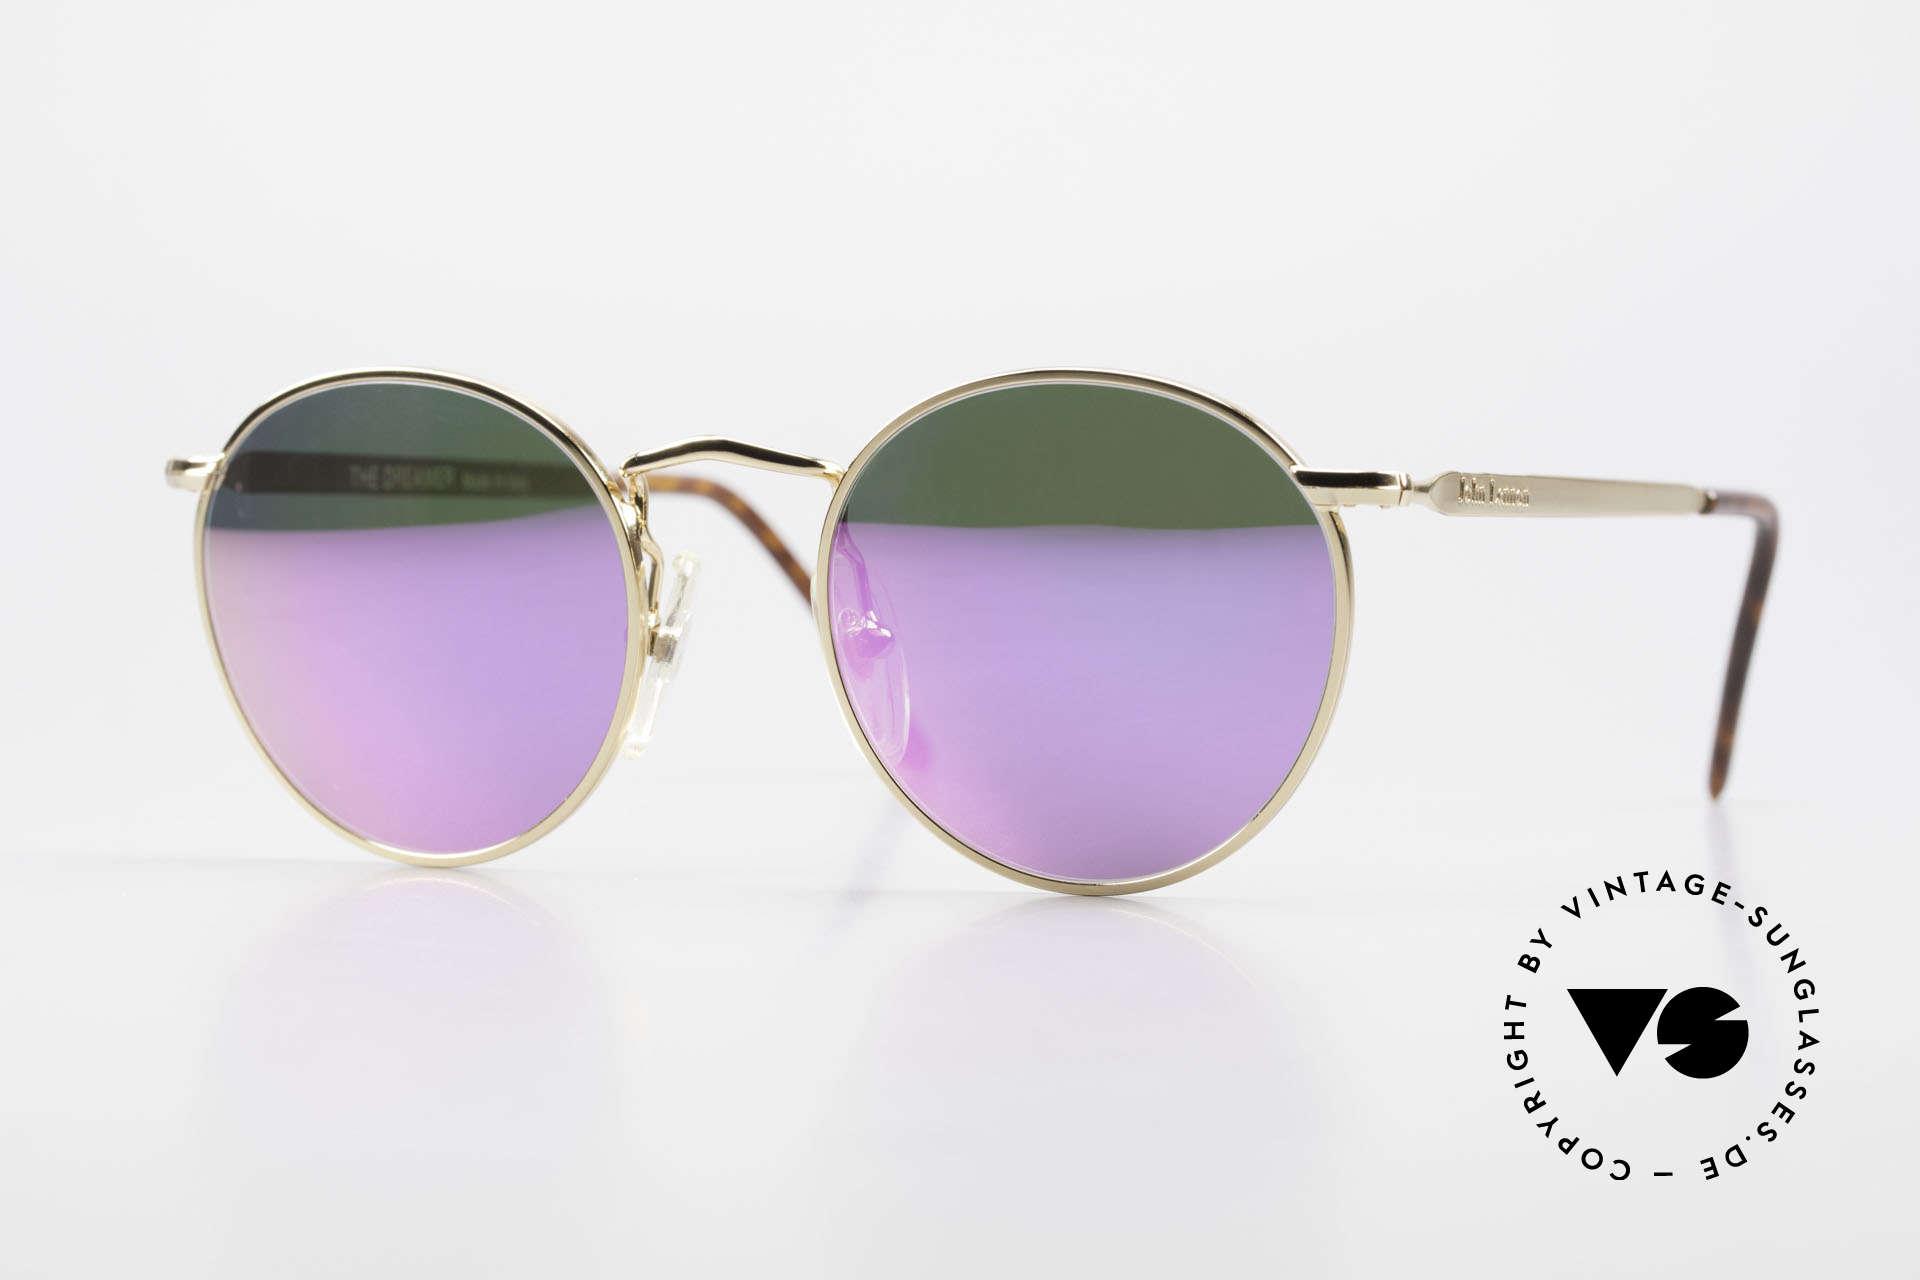 John Lennon - The Dreamer With Pink Mirrored Sun Lenses, vintage glasses of the original 'John Lennon Collection', Made for Men and Women